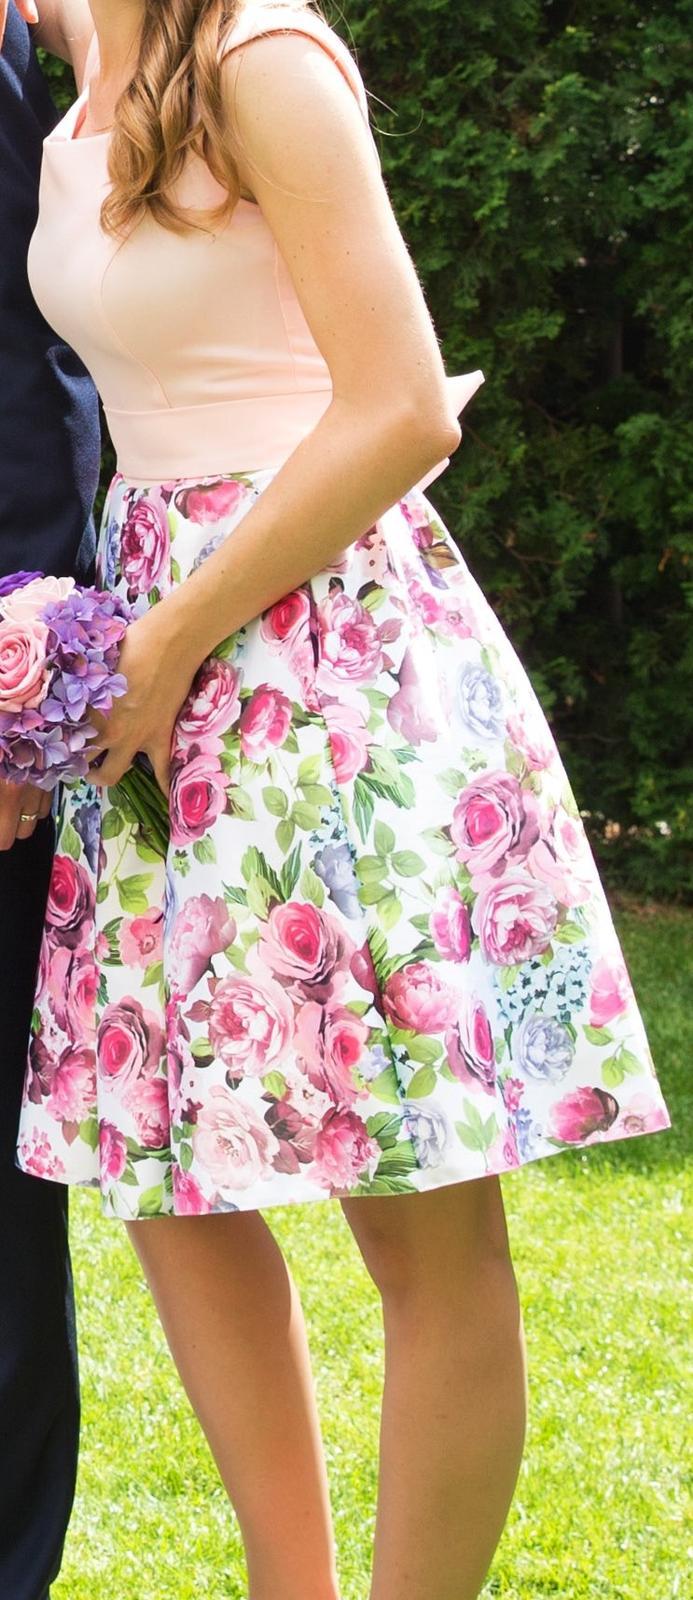 Světle růžové šaty s květy - Obrázek č. 1